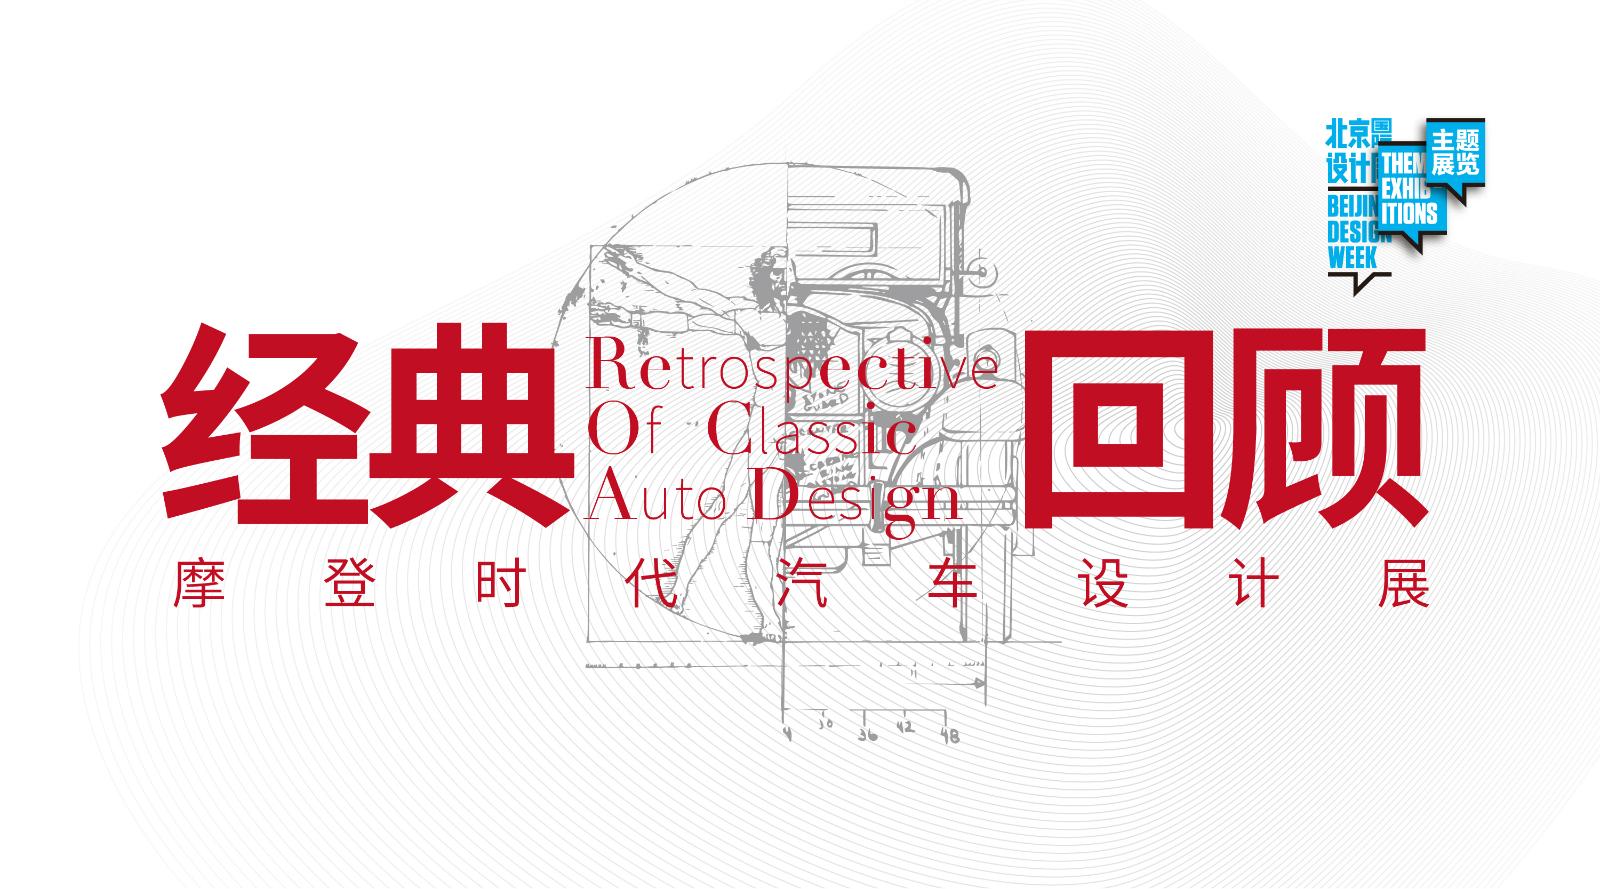 2016北京国际设计周主题展览:经典回顾摩登时代汽车设计展,将于2016年9月25日至12月31日在中华世纪坛当代艺术馆B2层展厅举办。本次展览由北京歌华文化发展集团、北京国际设计周组委会主办,北京歌华文化中心有限公司、北京恒泰海华投资有限公司、北京歌华文化创意产业发展基金会承办。展览以跨越百年历史的经典车藏品为原点,从汽车设计的维度切入,剖析汽车设计美学发展的背后所蕴藏的历史信息。  汽车工业发展到今天经历了一个多世纪的漫长岁月,在这一个多世纪的时间里,汽车设计从不是一个孤立的学科,而是伴随着科技、工